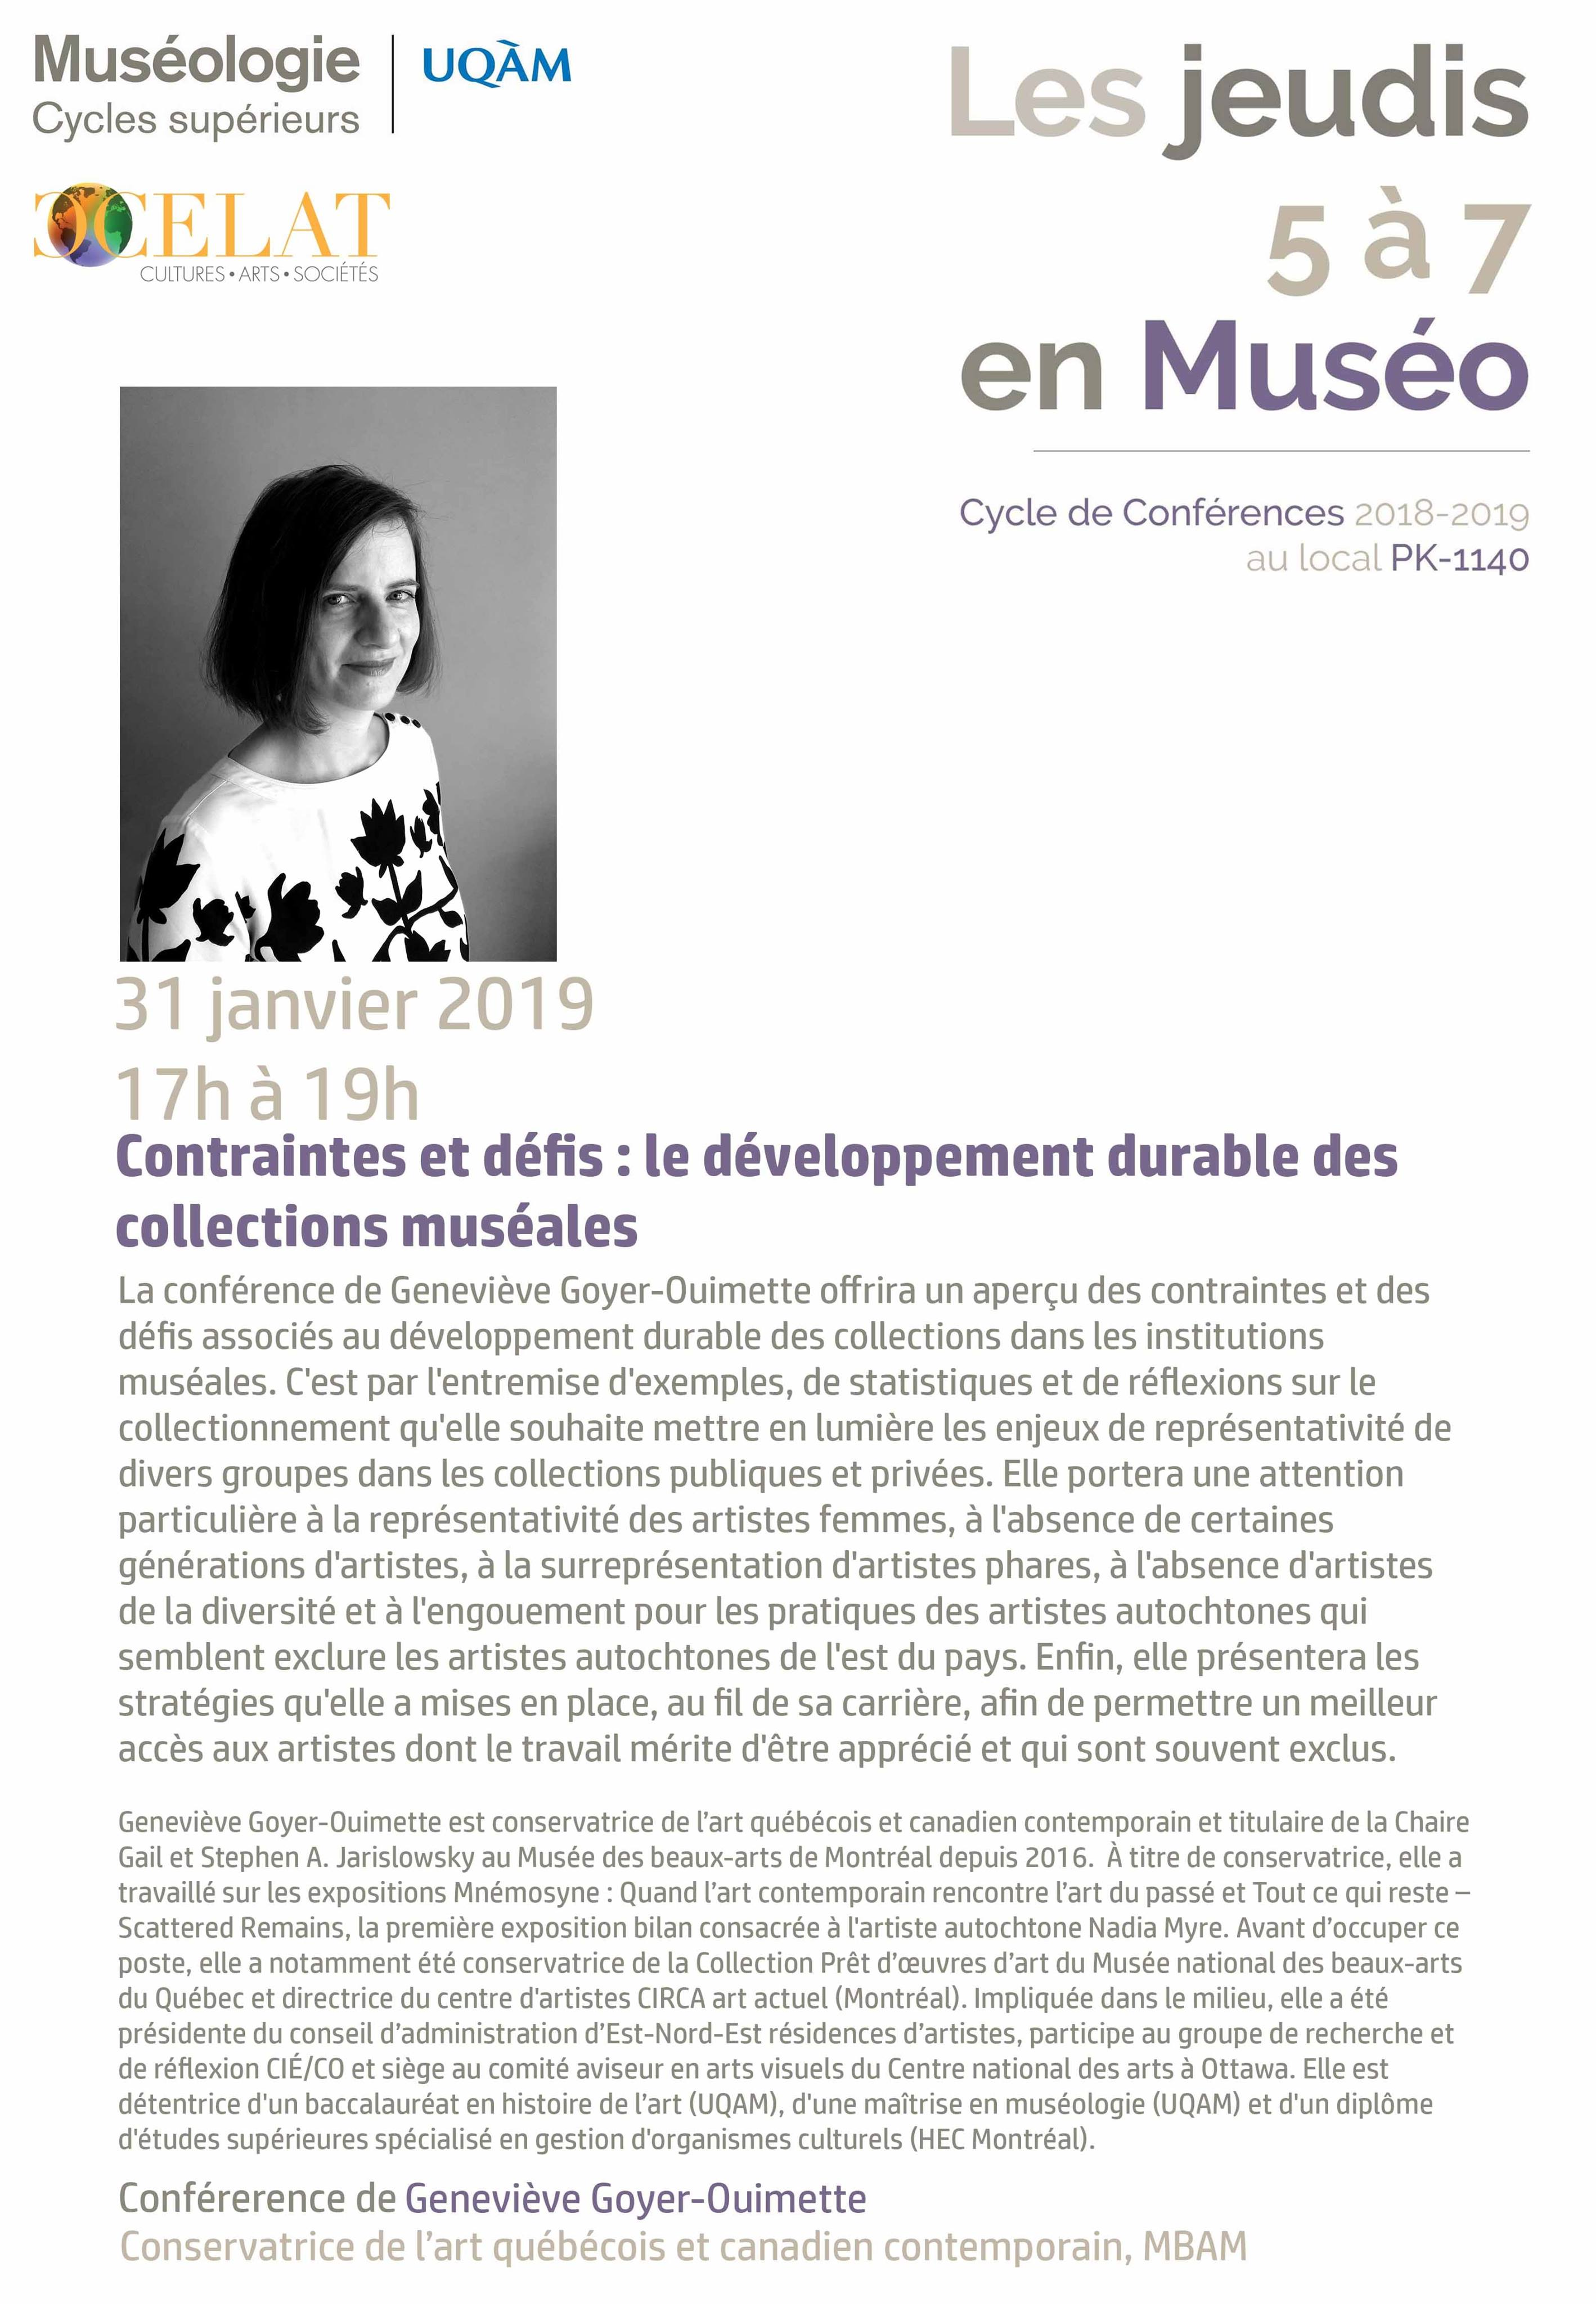 Les jeudis 5 à 7 en muséo : Geneviève Goyer-Ouimette